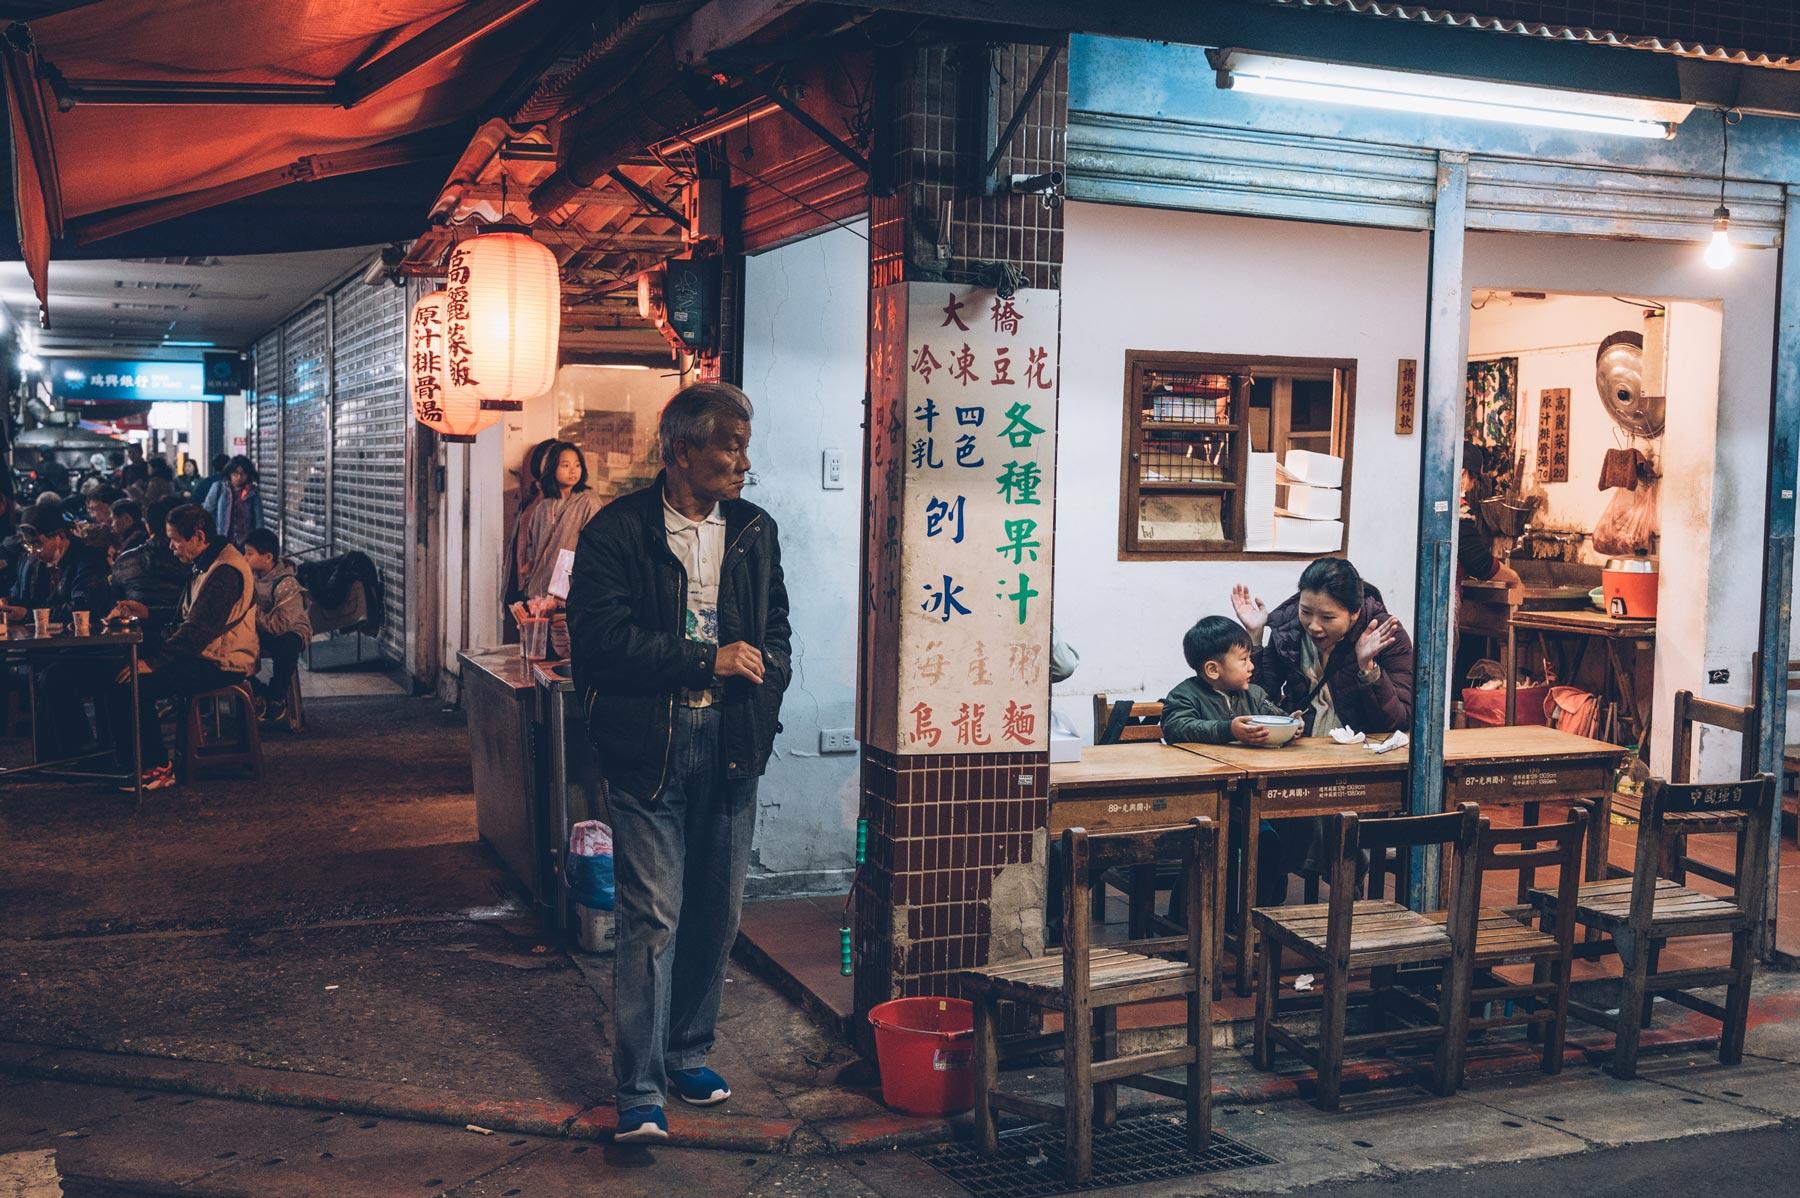 La nuit à Taiwan